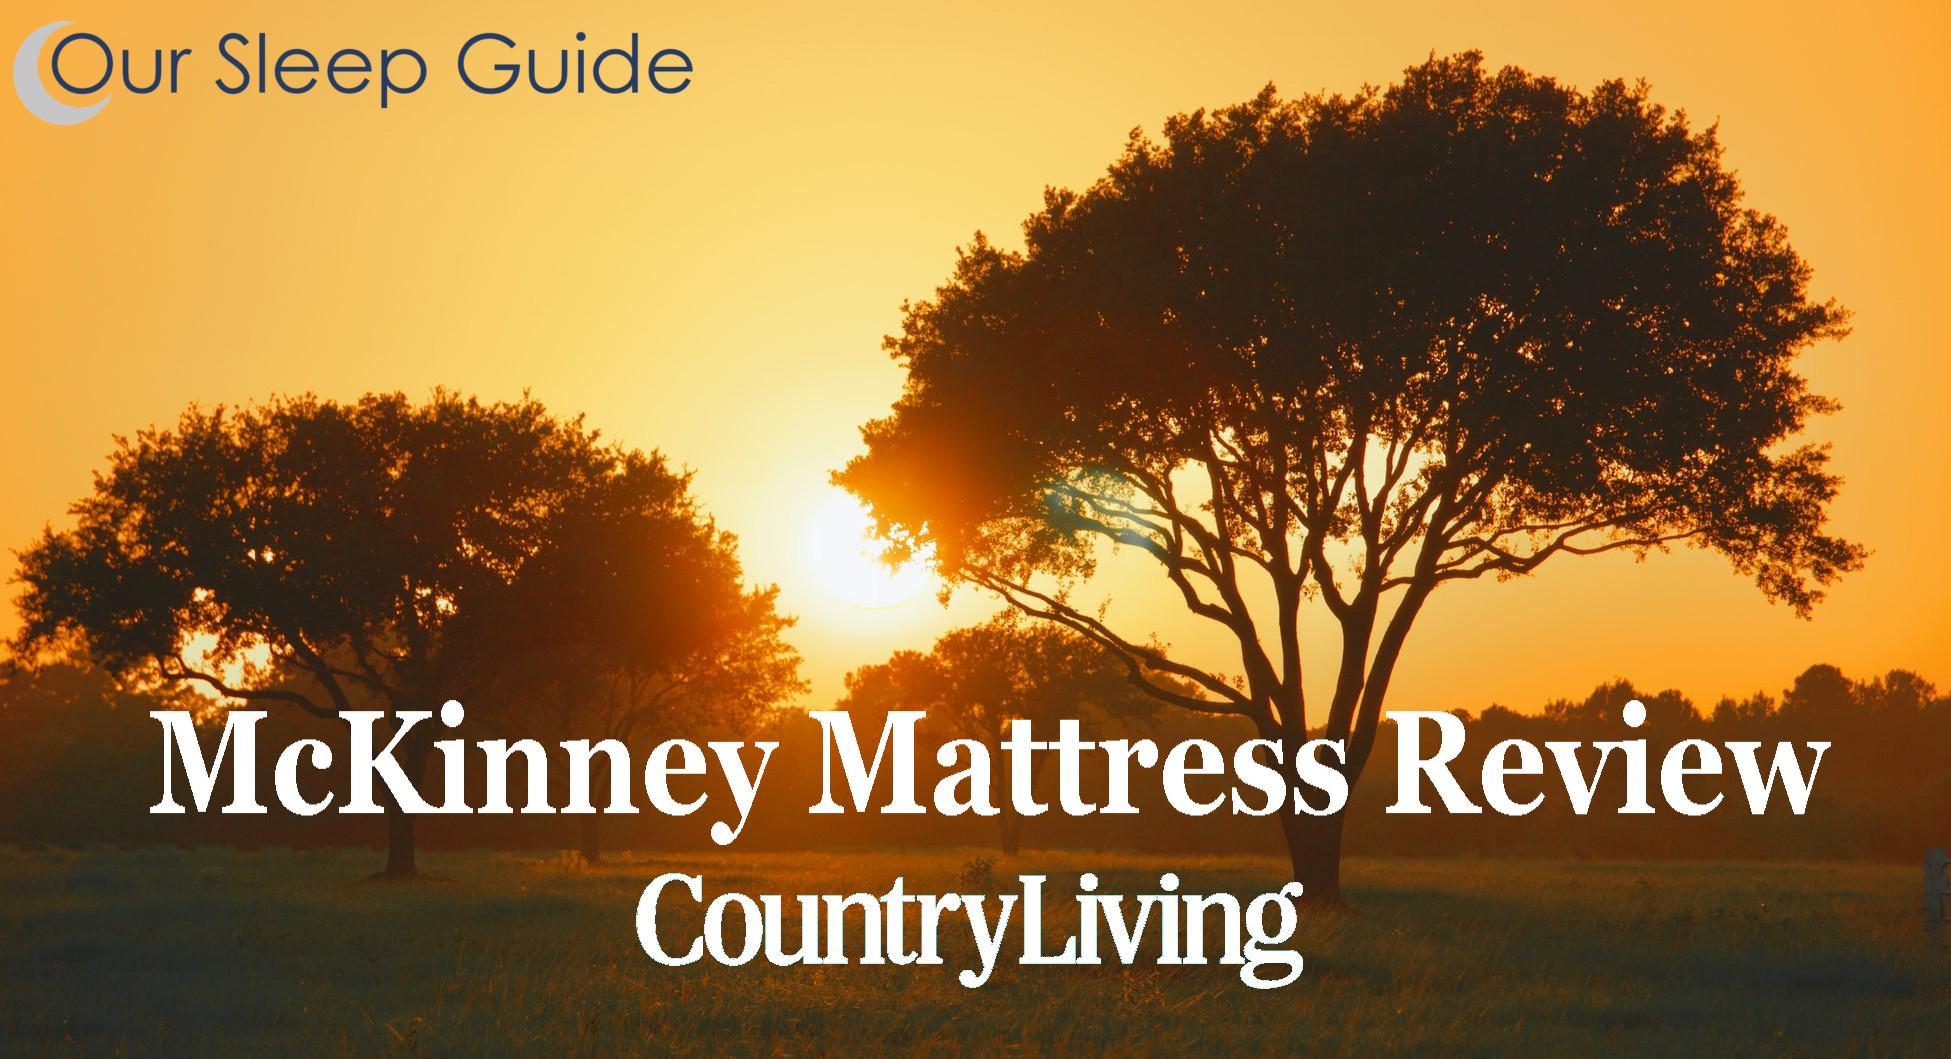 mckinney country living sleep mattress review